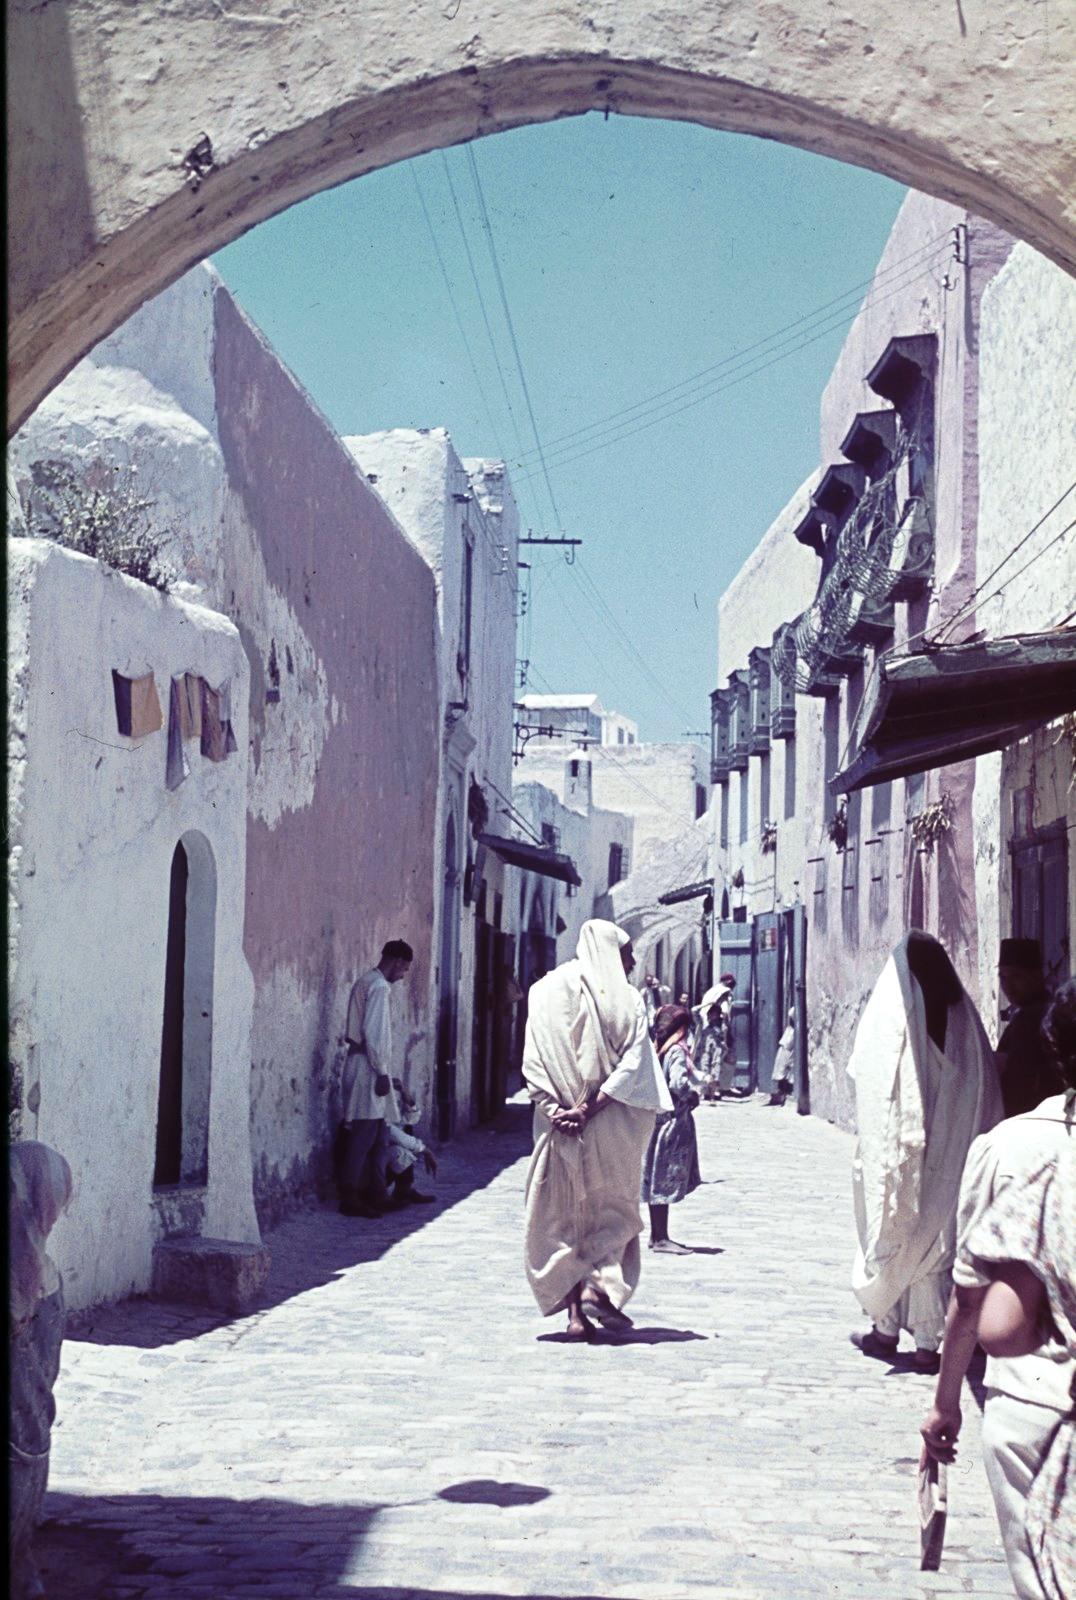 Уличная сцена с аркой